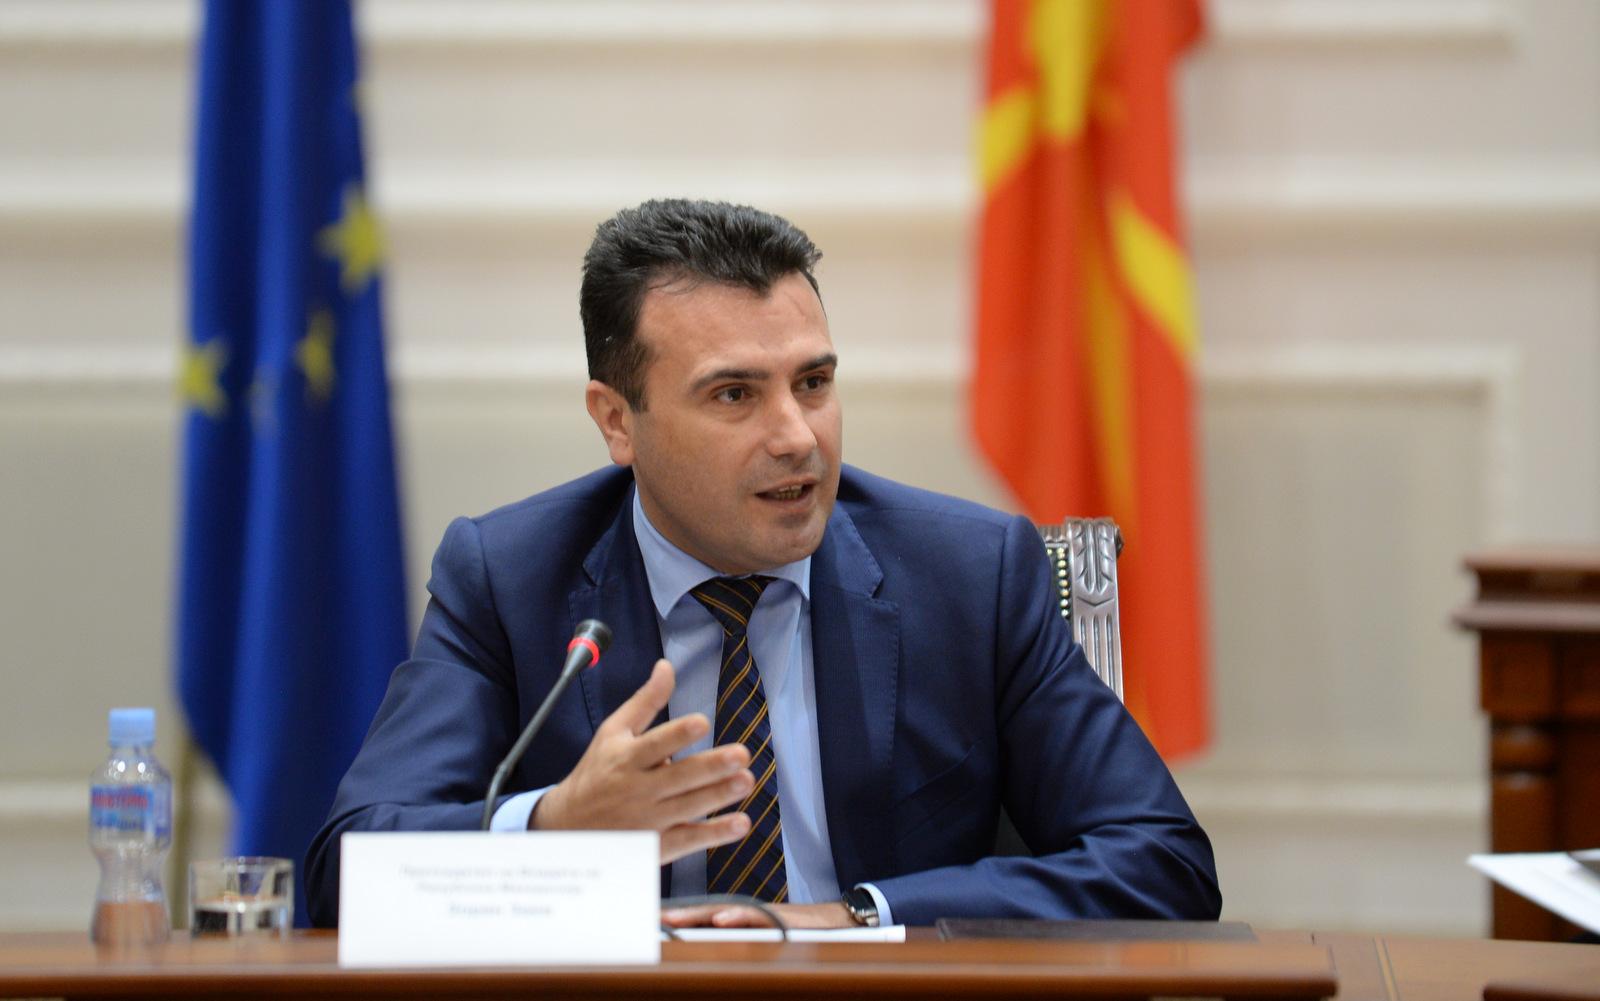 Θετικές εξελίξεις στο ζήτημα της ονομασίας αναμένει ο Ζoran Zaev